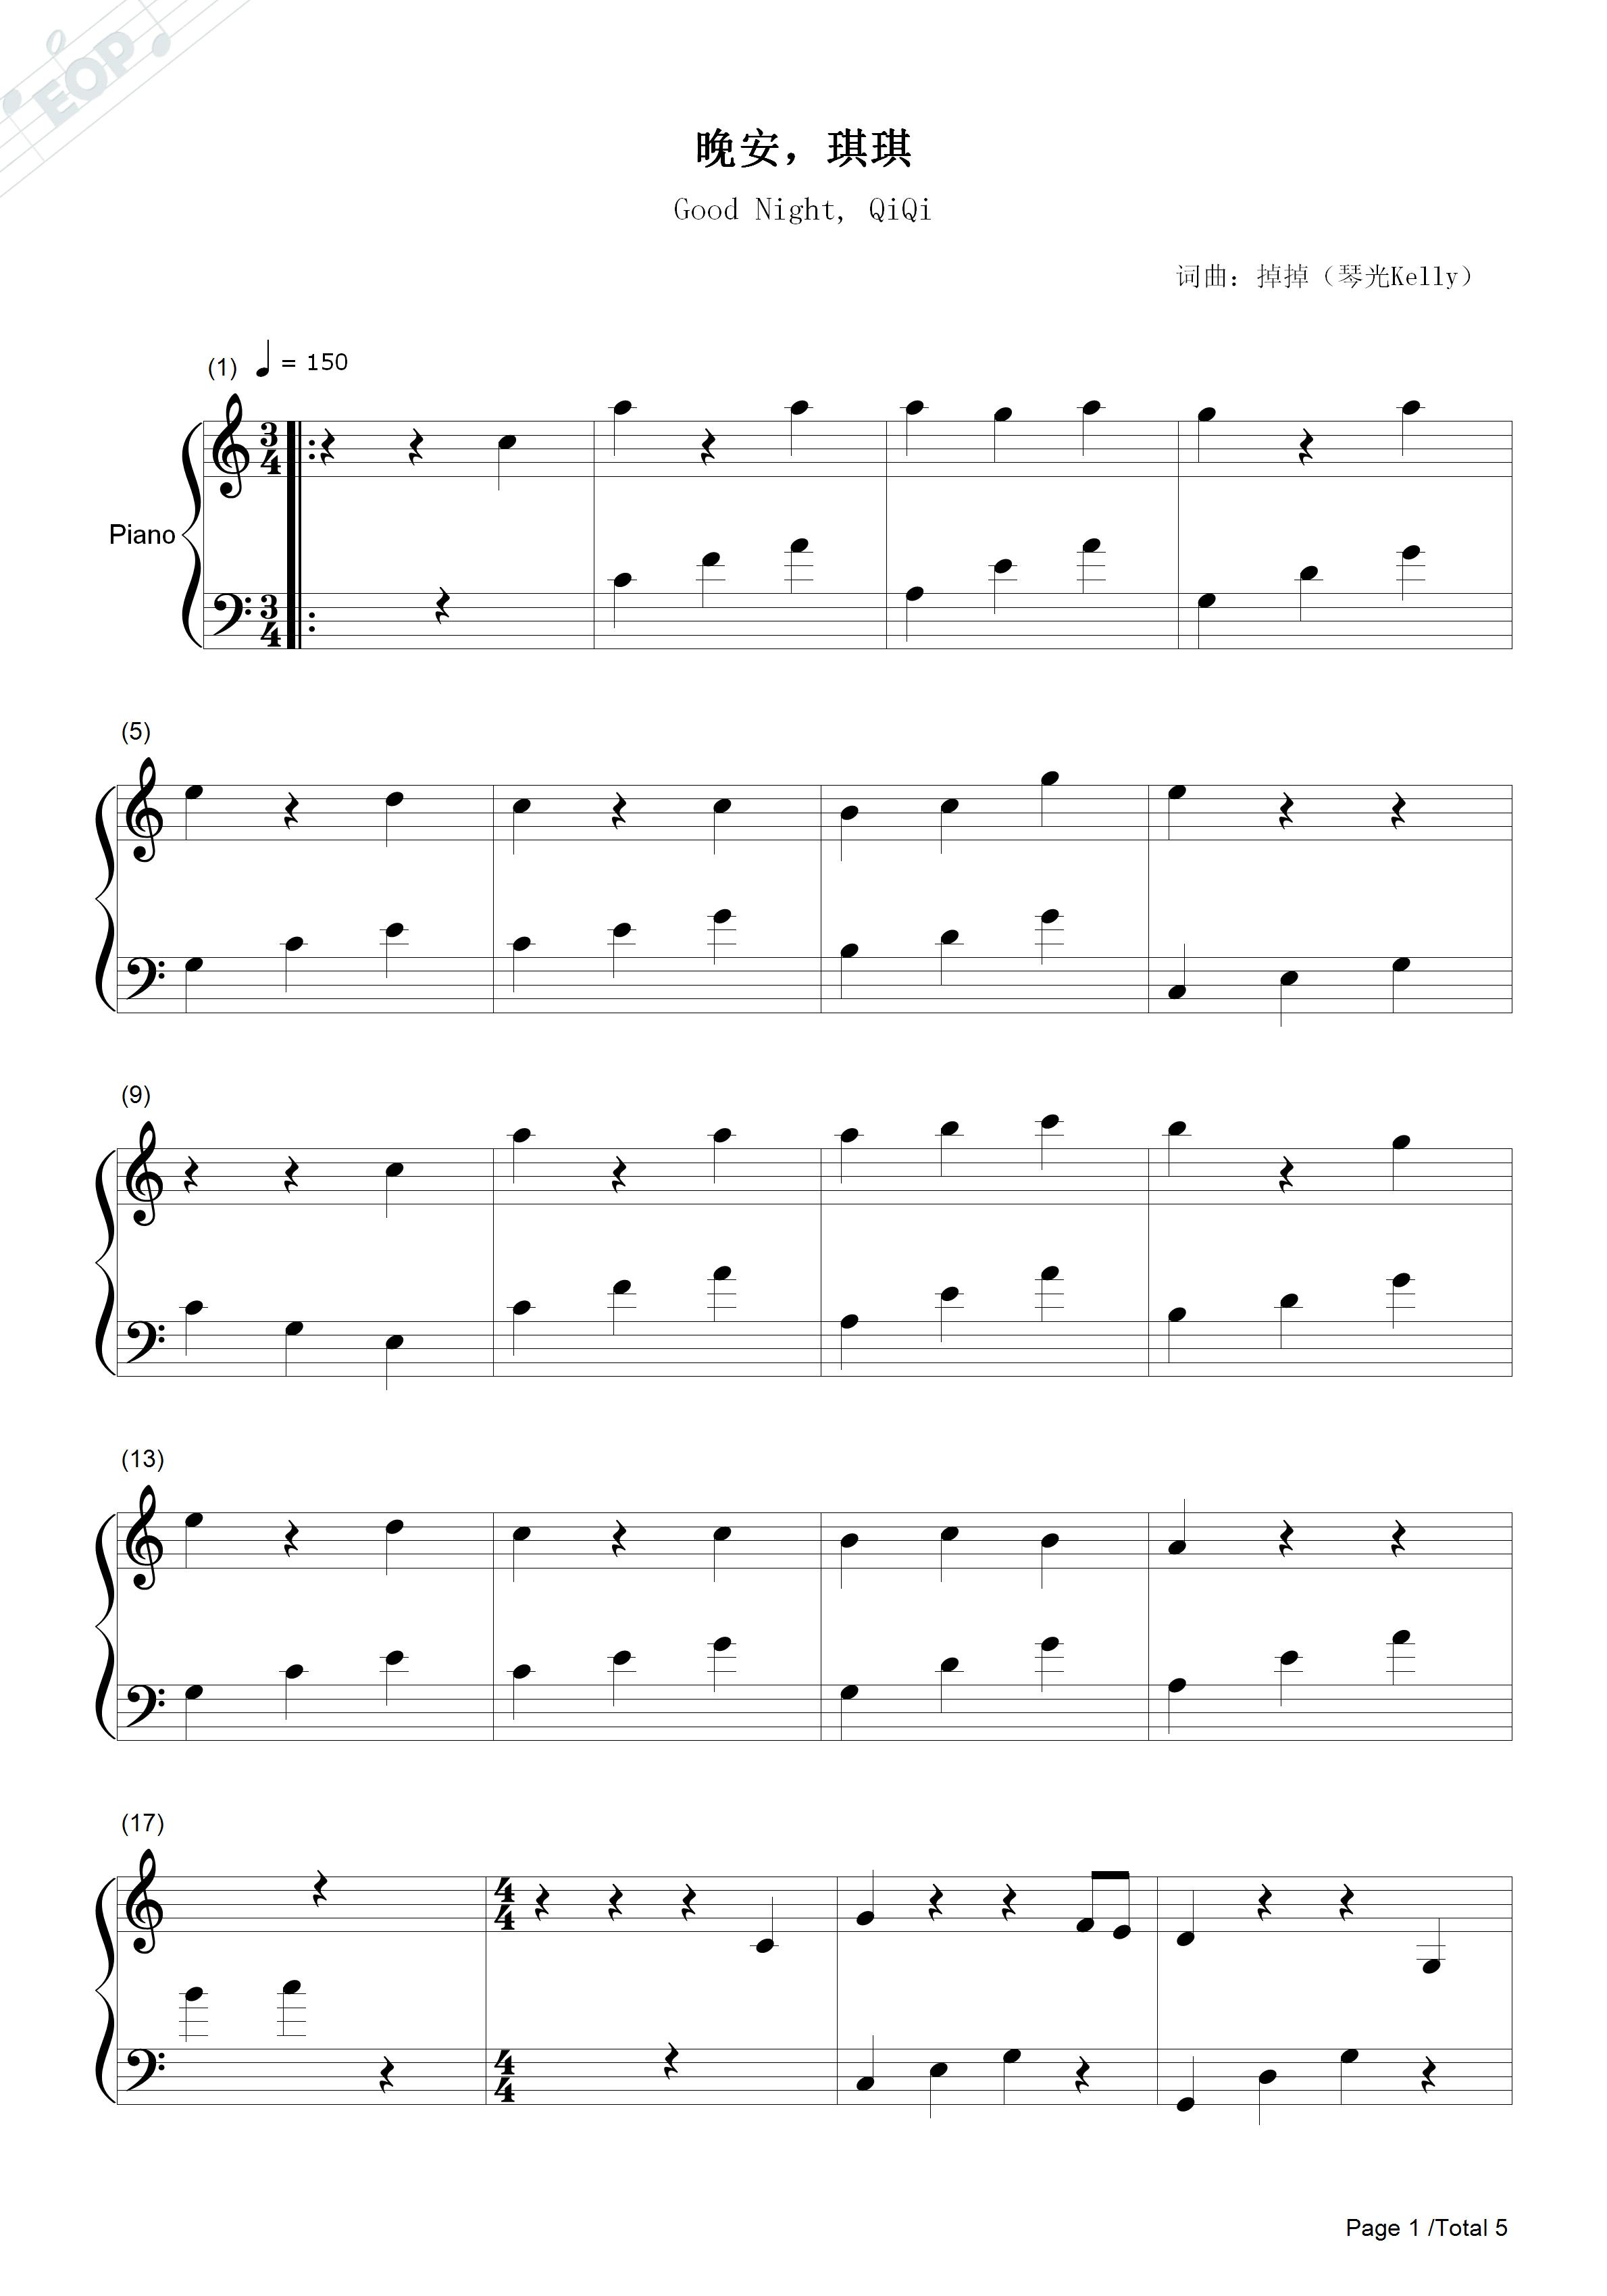 晚安琪琪五线谱预览1-钢琴谱档(五线谱,双手简谱,数位